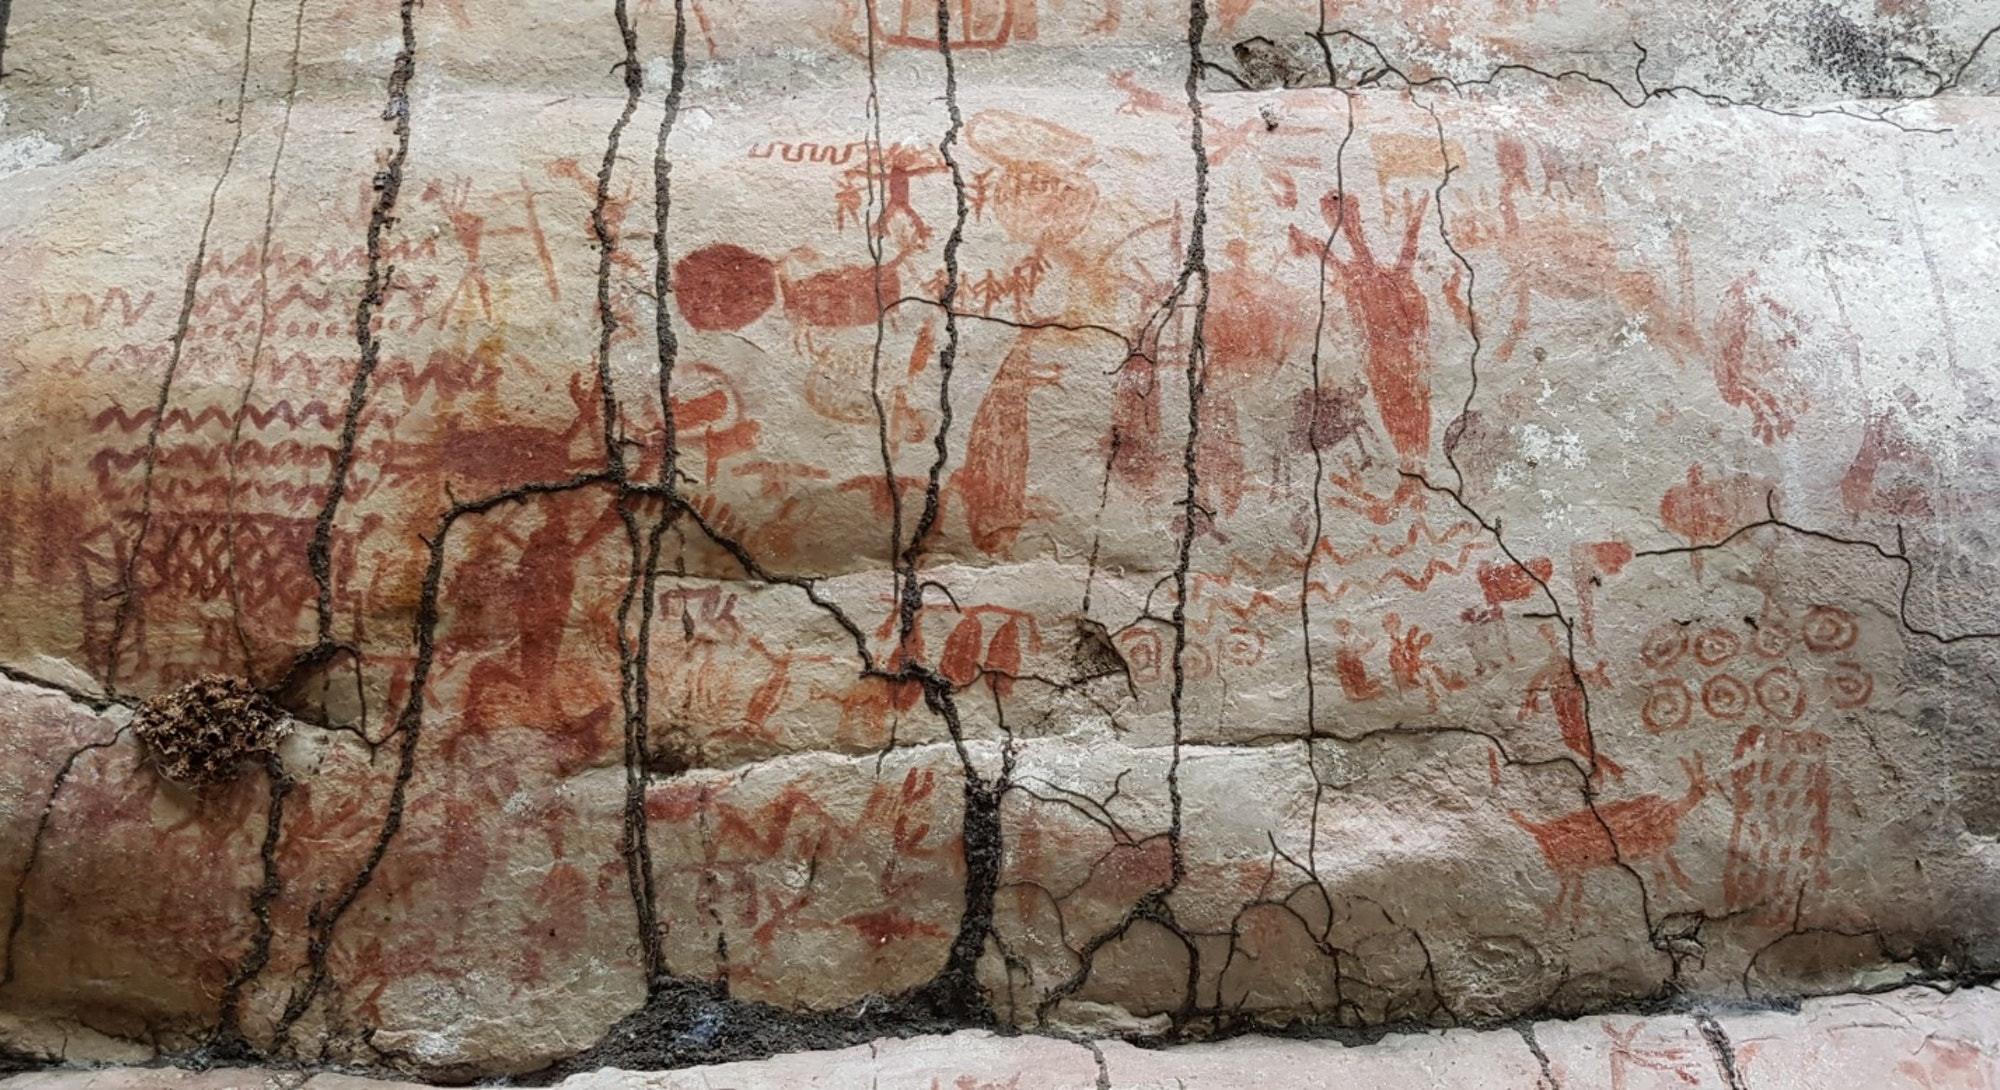 La jungle colombienne livre des milliers de peintures rupestres